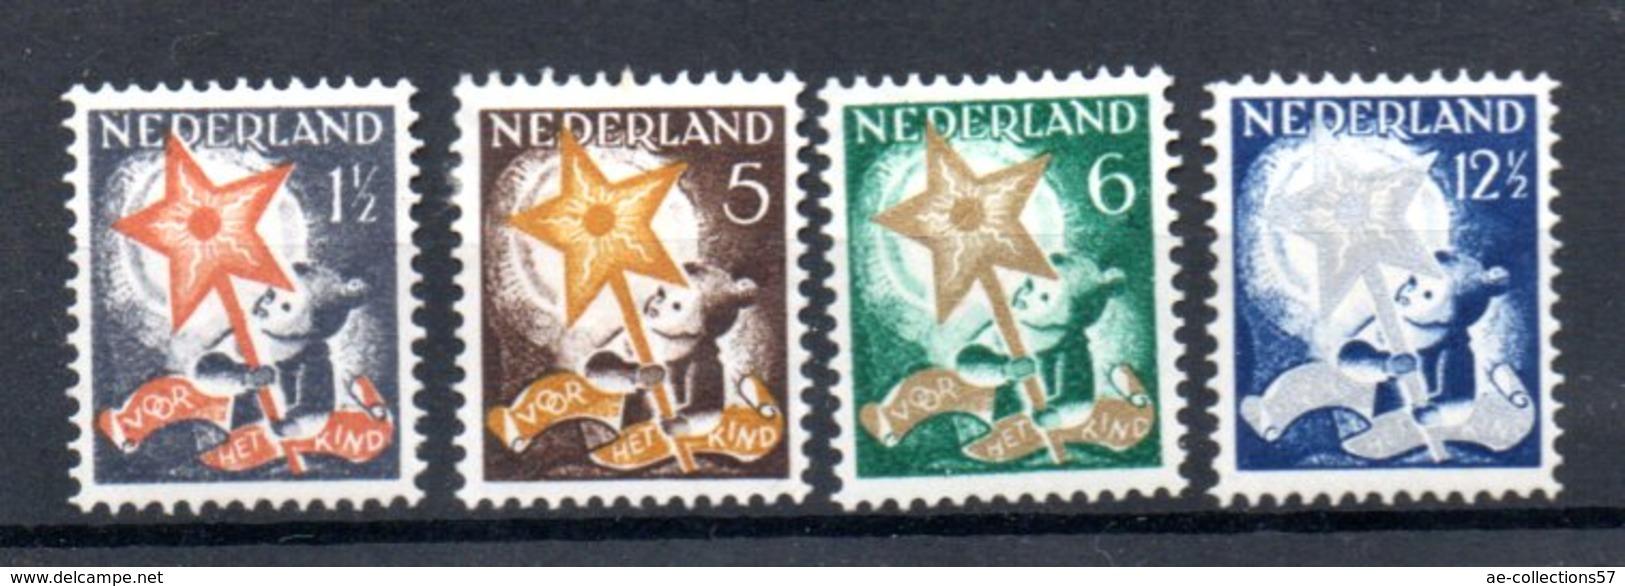 Pays Bas / Série N 245 à 248 / NEUFS Avec Trace De Charnière / Côte 40 € - Period 1891-1948 (Wilhelmina)